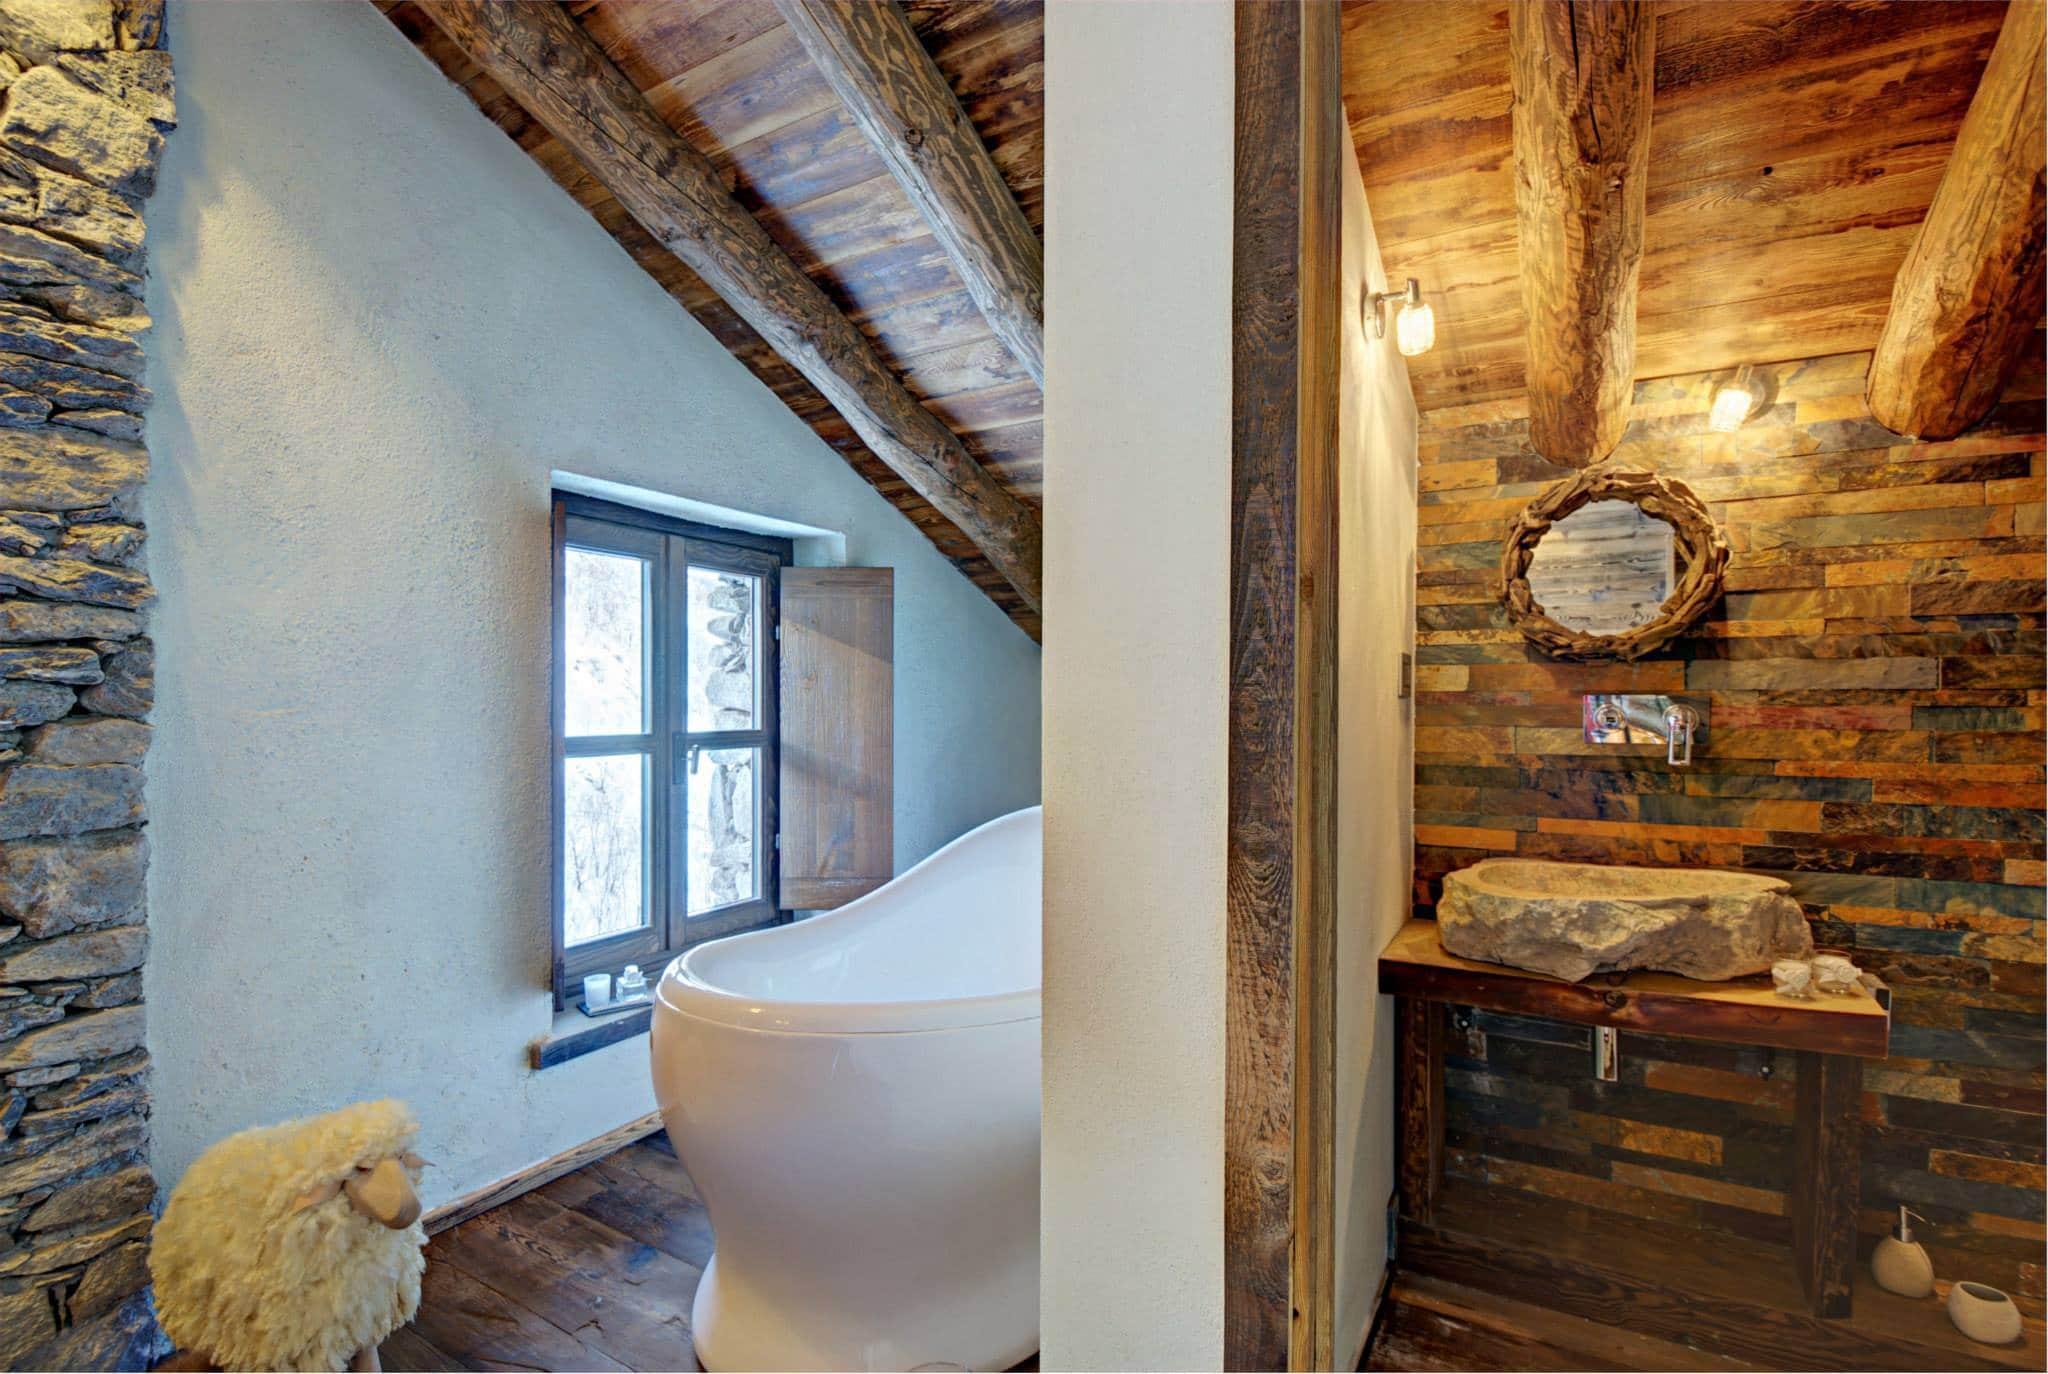 Dise o de interiores r stico uso de madera y piedra for Decoracion con piedra